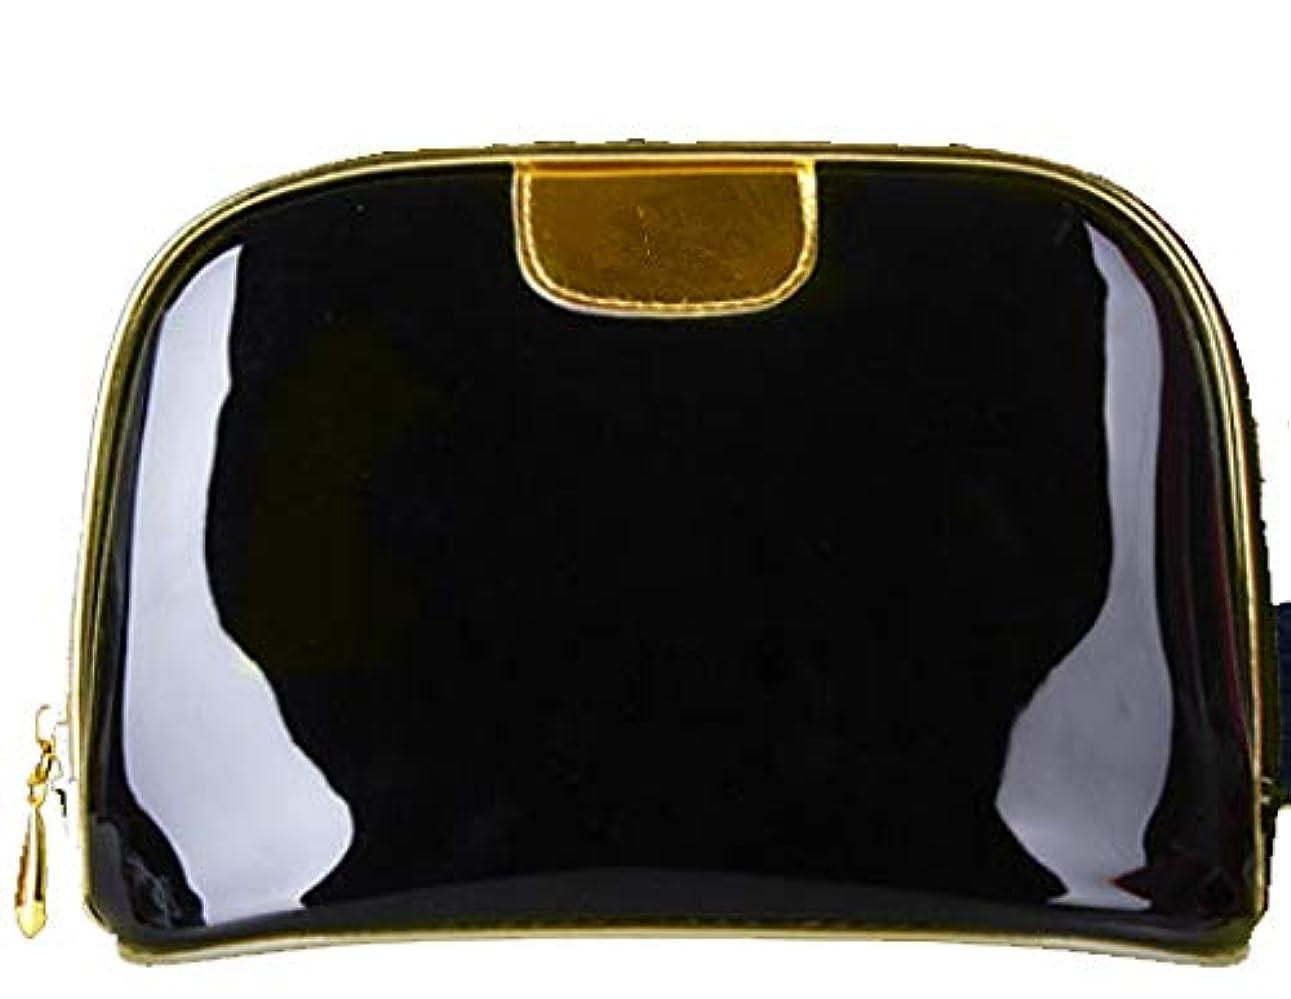 SuperTang 割引 化粧ポーチ コスメポーチ メイクポーチ 大容量 化粧品収納 ミニ 財布 小物入れ 普段使い 出張 旅行 メイク ブラシ バッグ 化粧バッグ バニティポーチ 機能的 ブラック